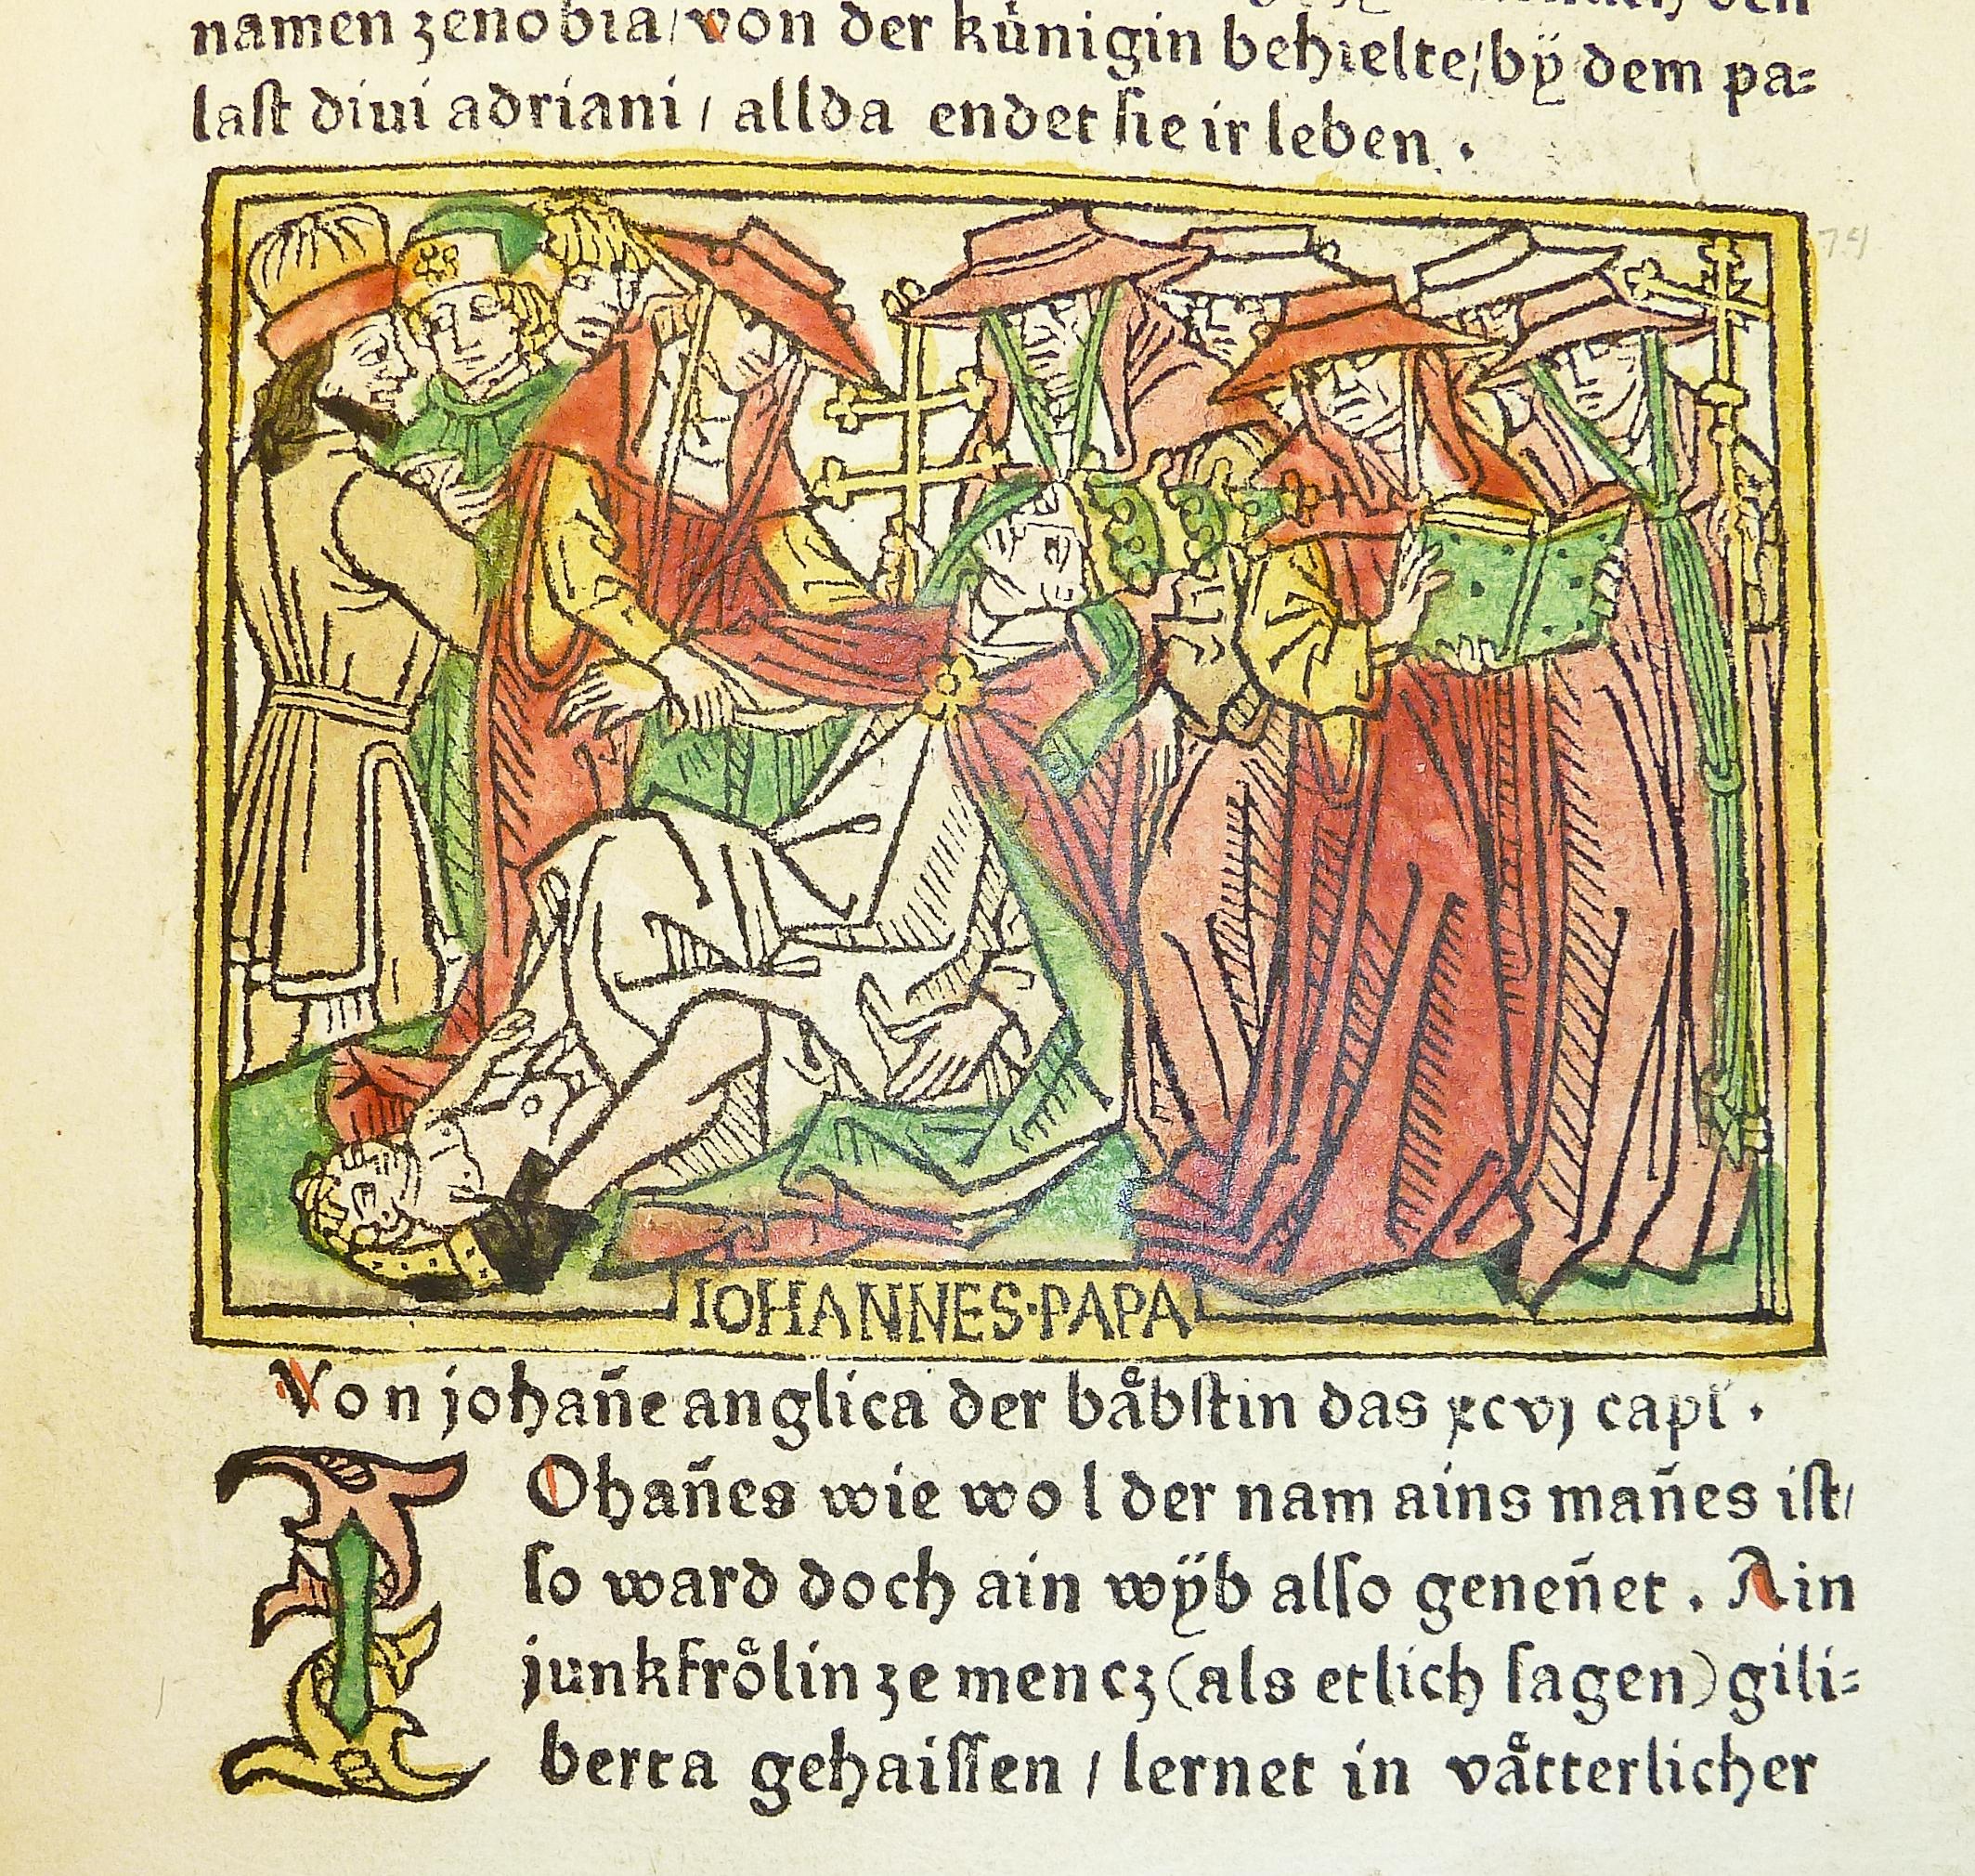 Påve Johanna föder barn